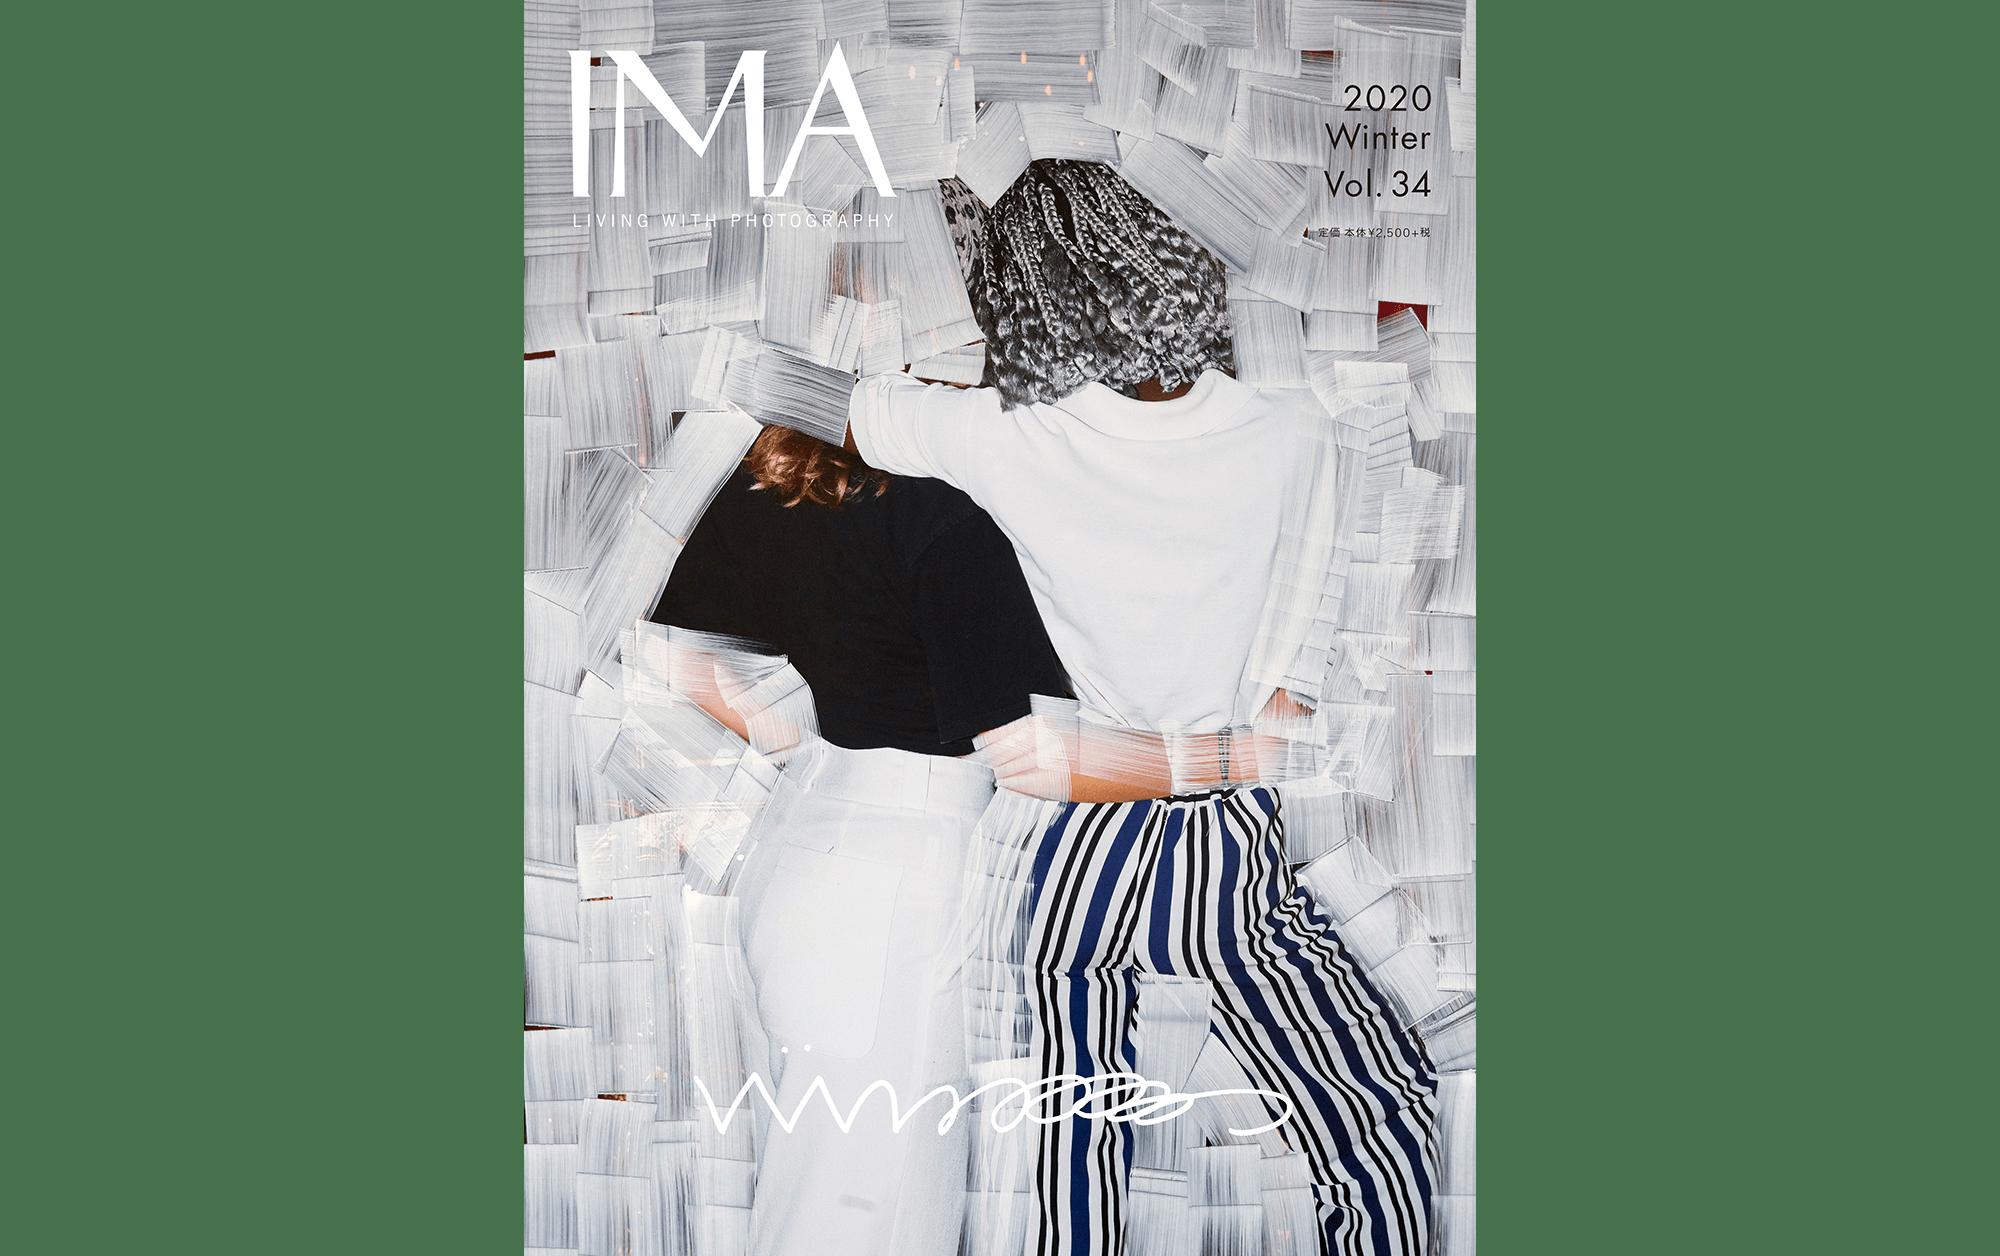 IMA 2020 Winter Vol.34